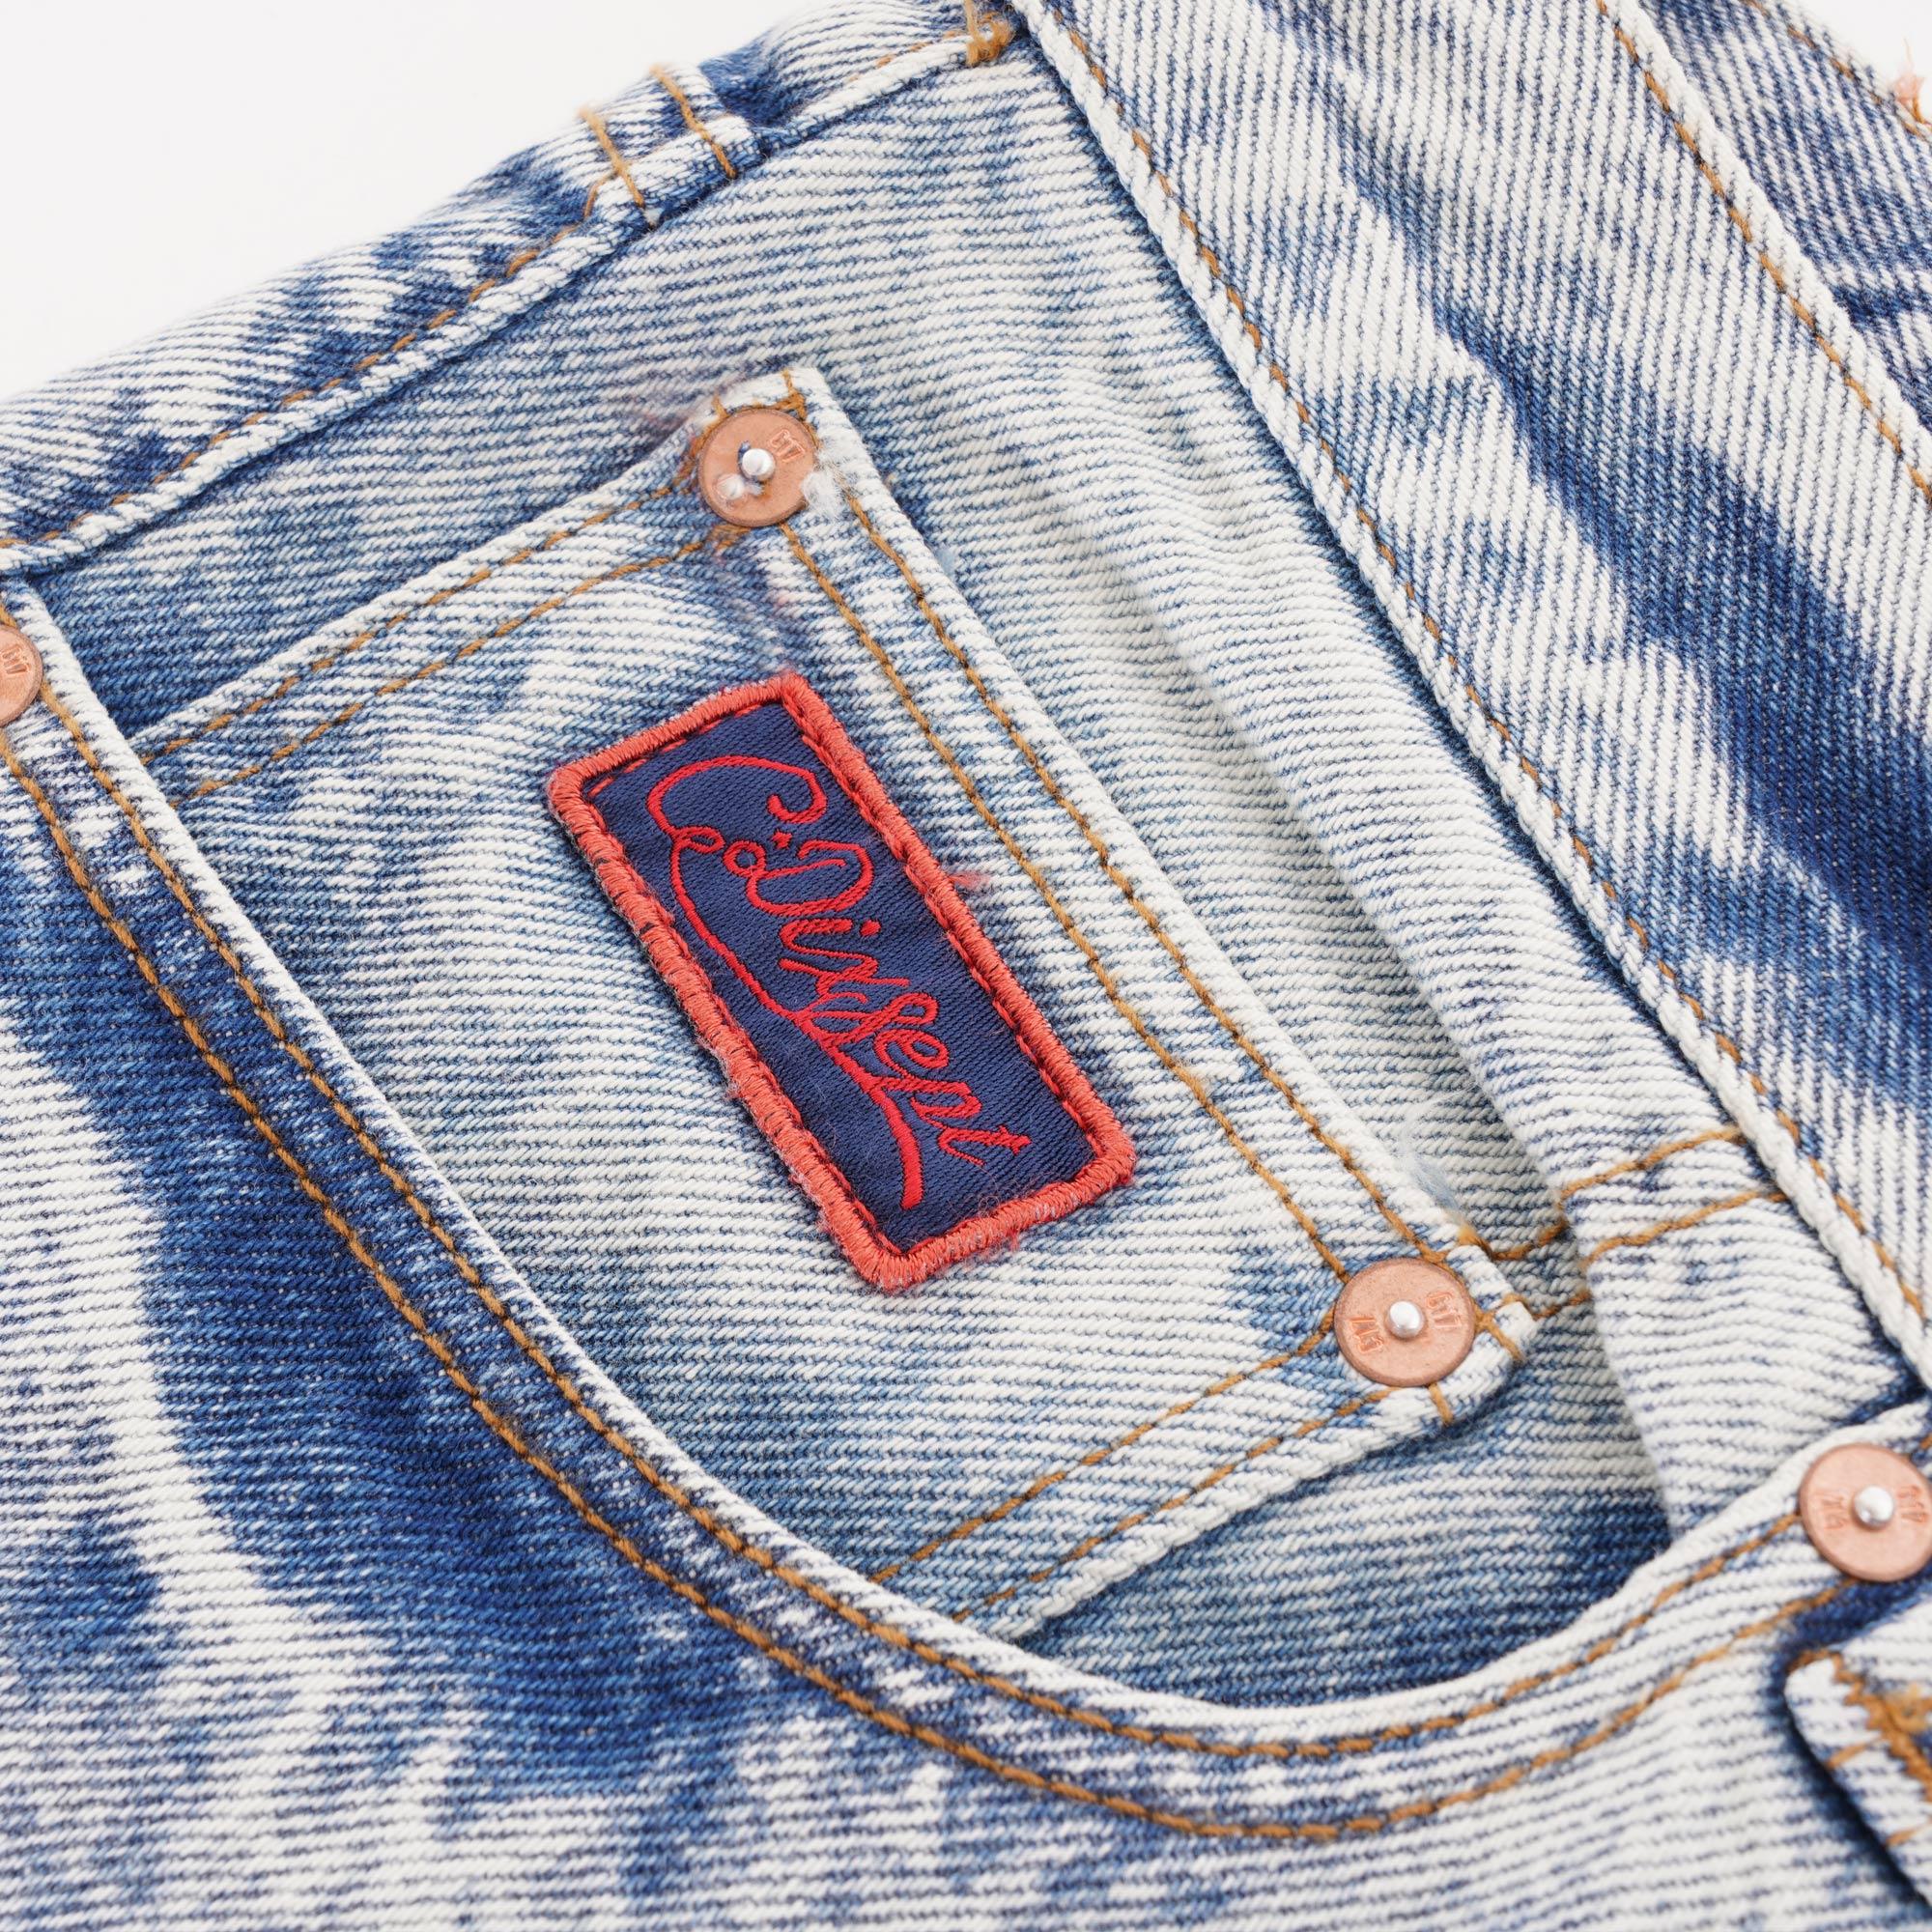 C17 Jeans Pocket